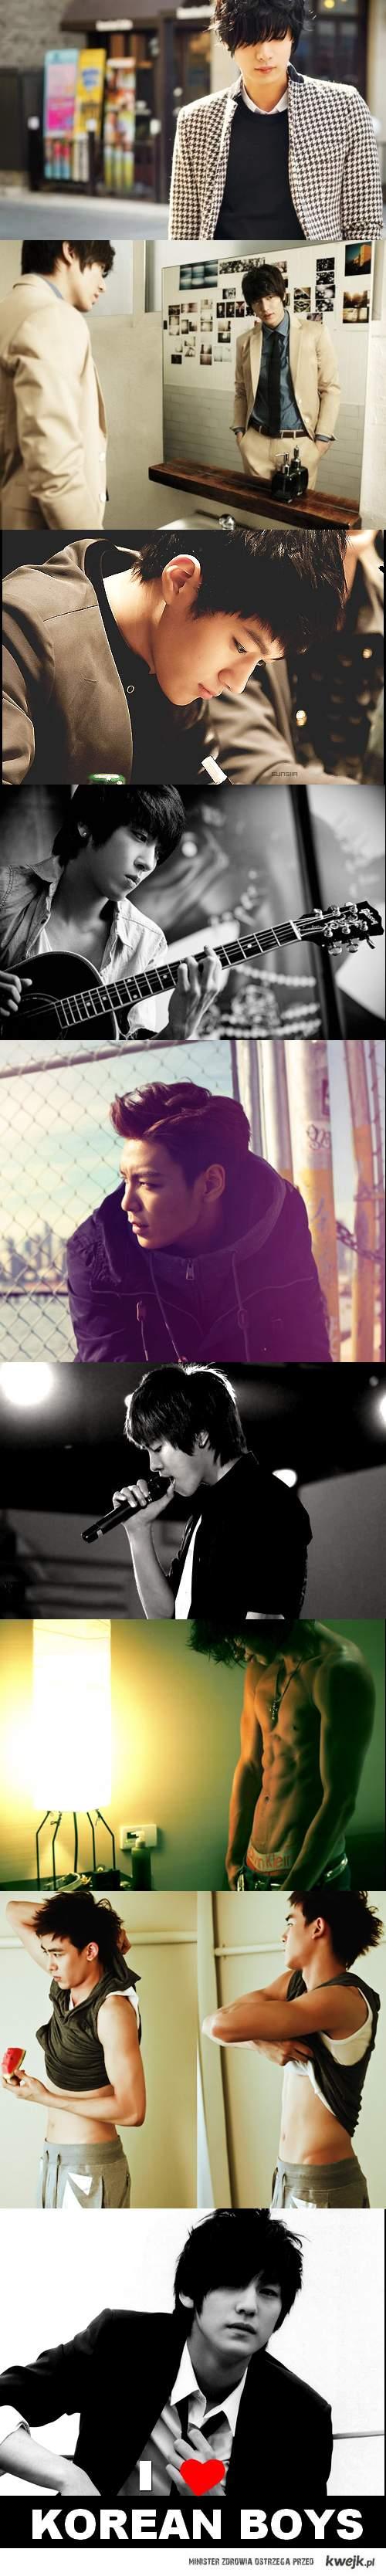 Jarają mnie koreańscy chłopcy. ♥